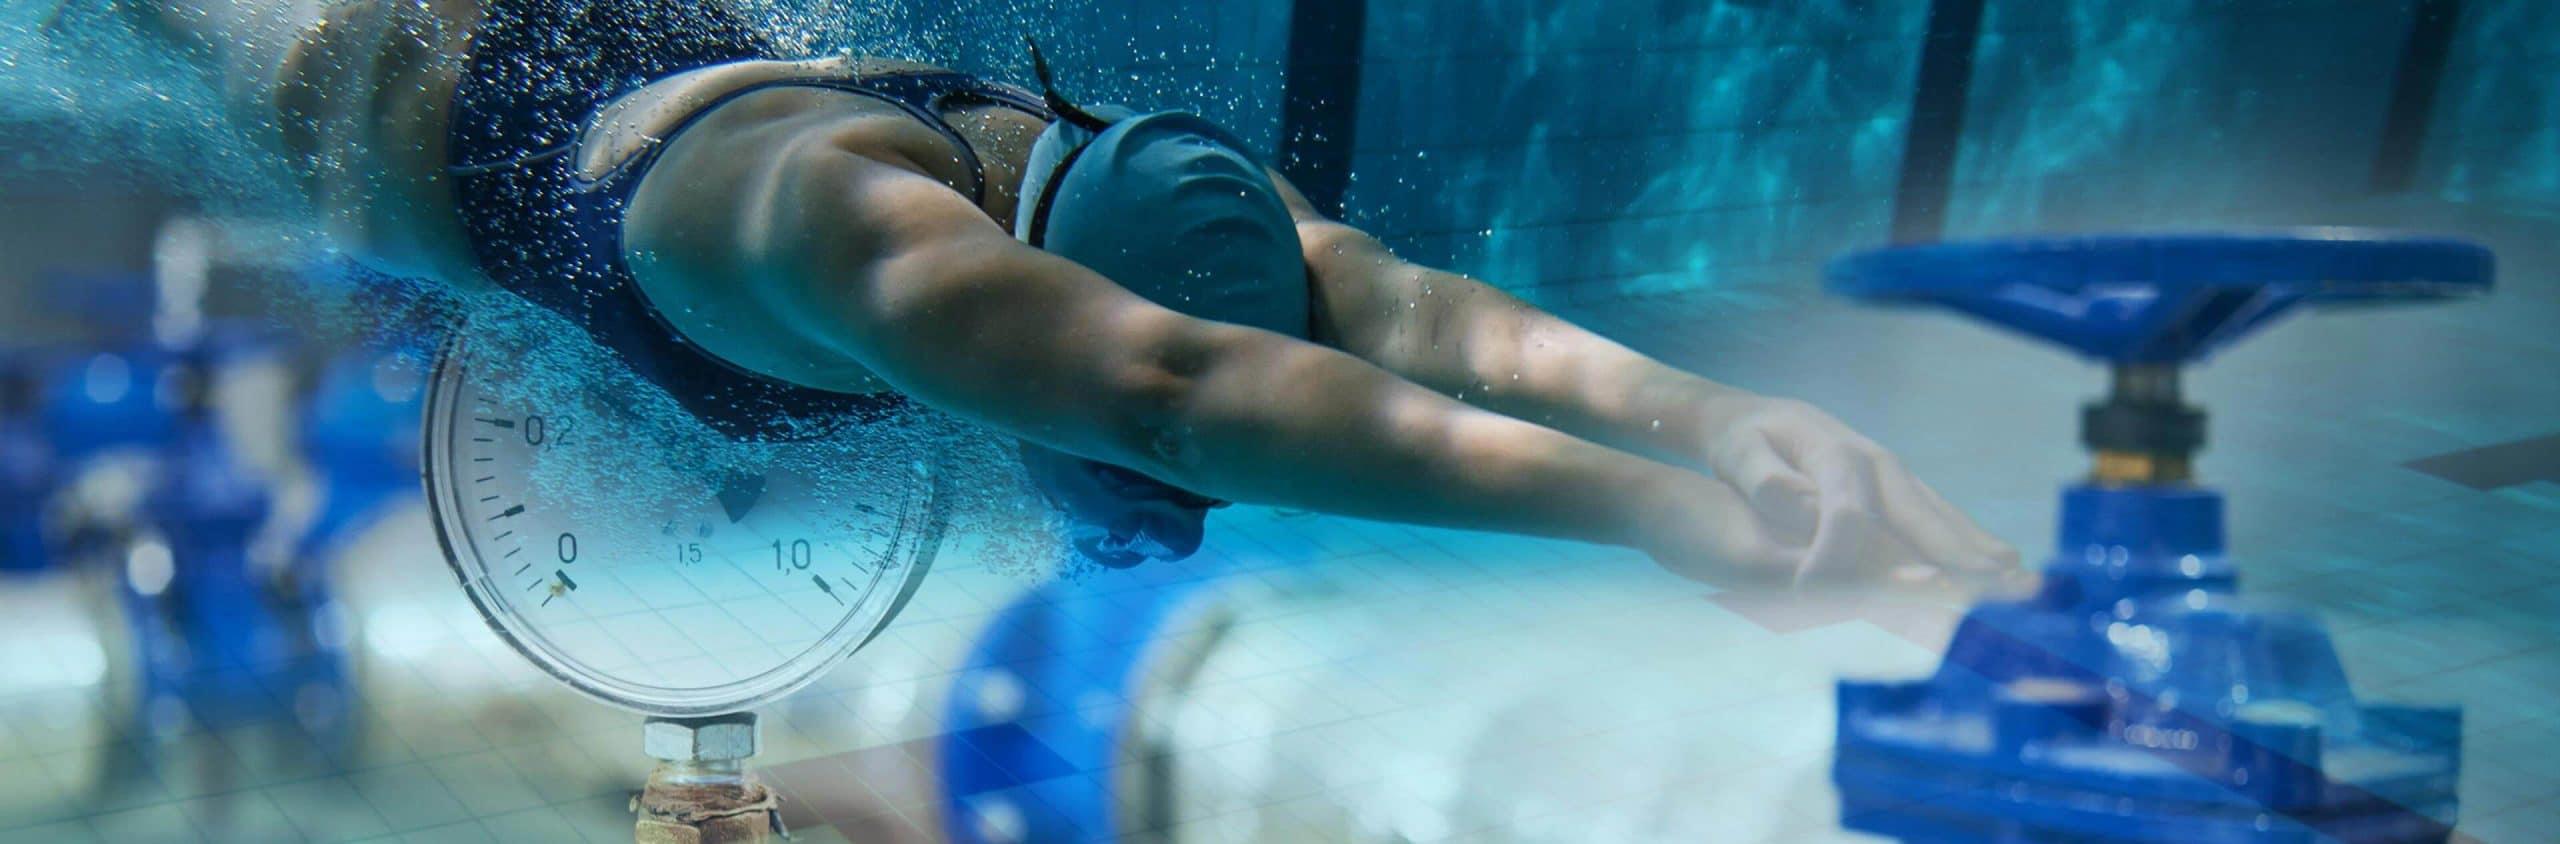 Zusammengesetztes Bild Schwimmer unter Wasser und Wasserpumpenstation